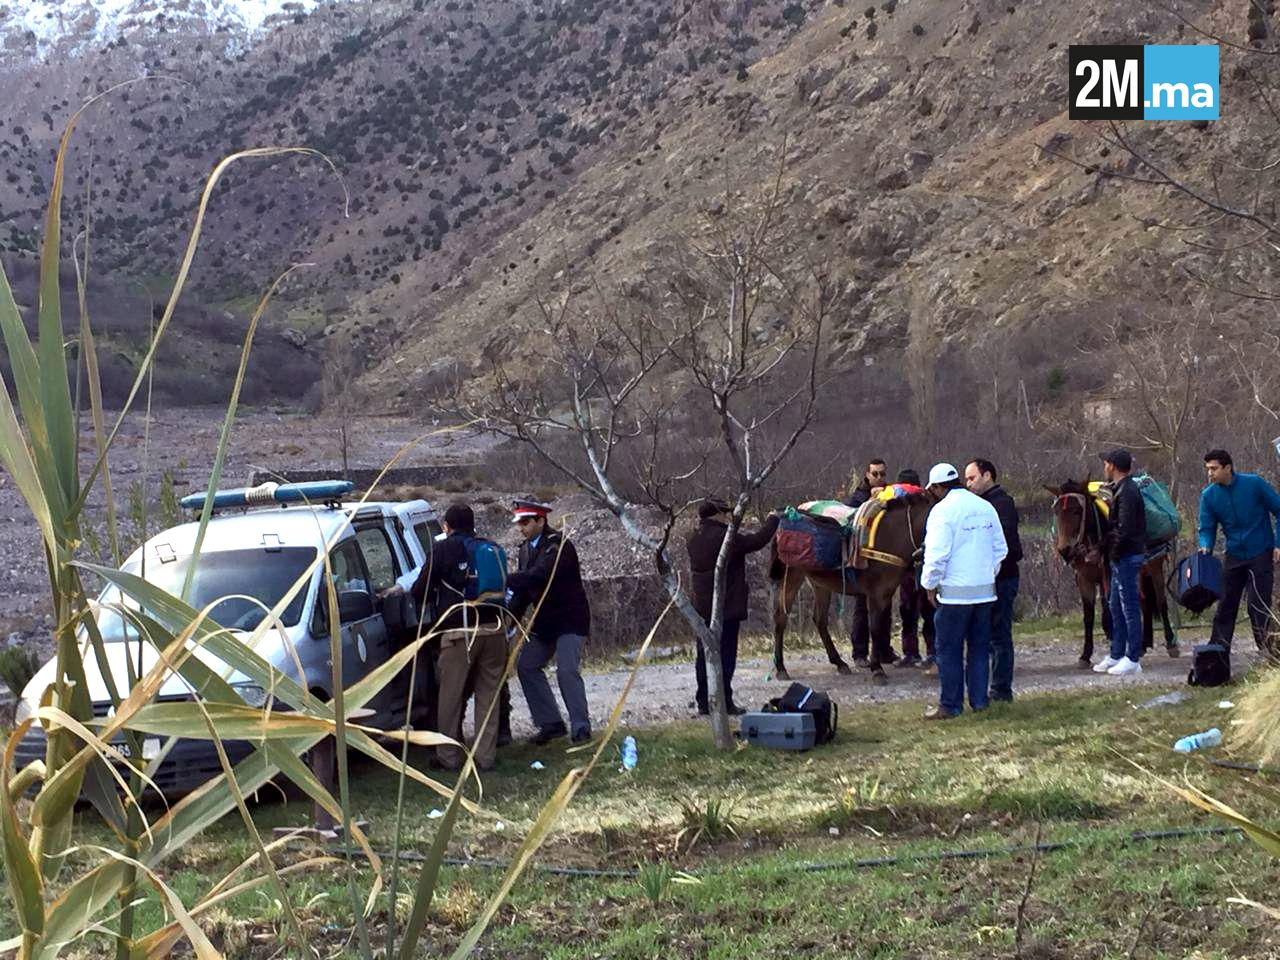 STOR ETTERFORSKNING: Disse bildene skal vise politistyrker i fjellområdet.